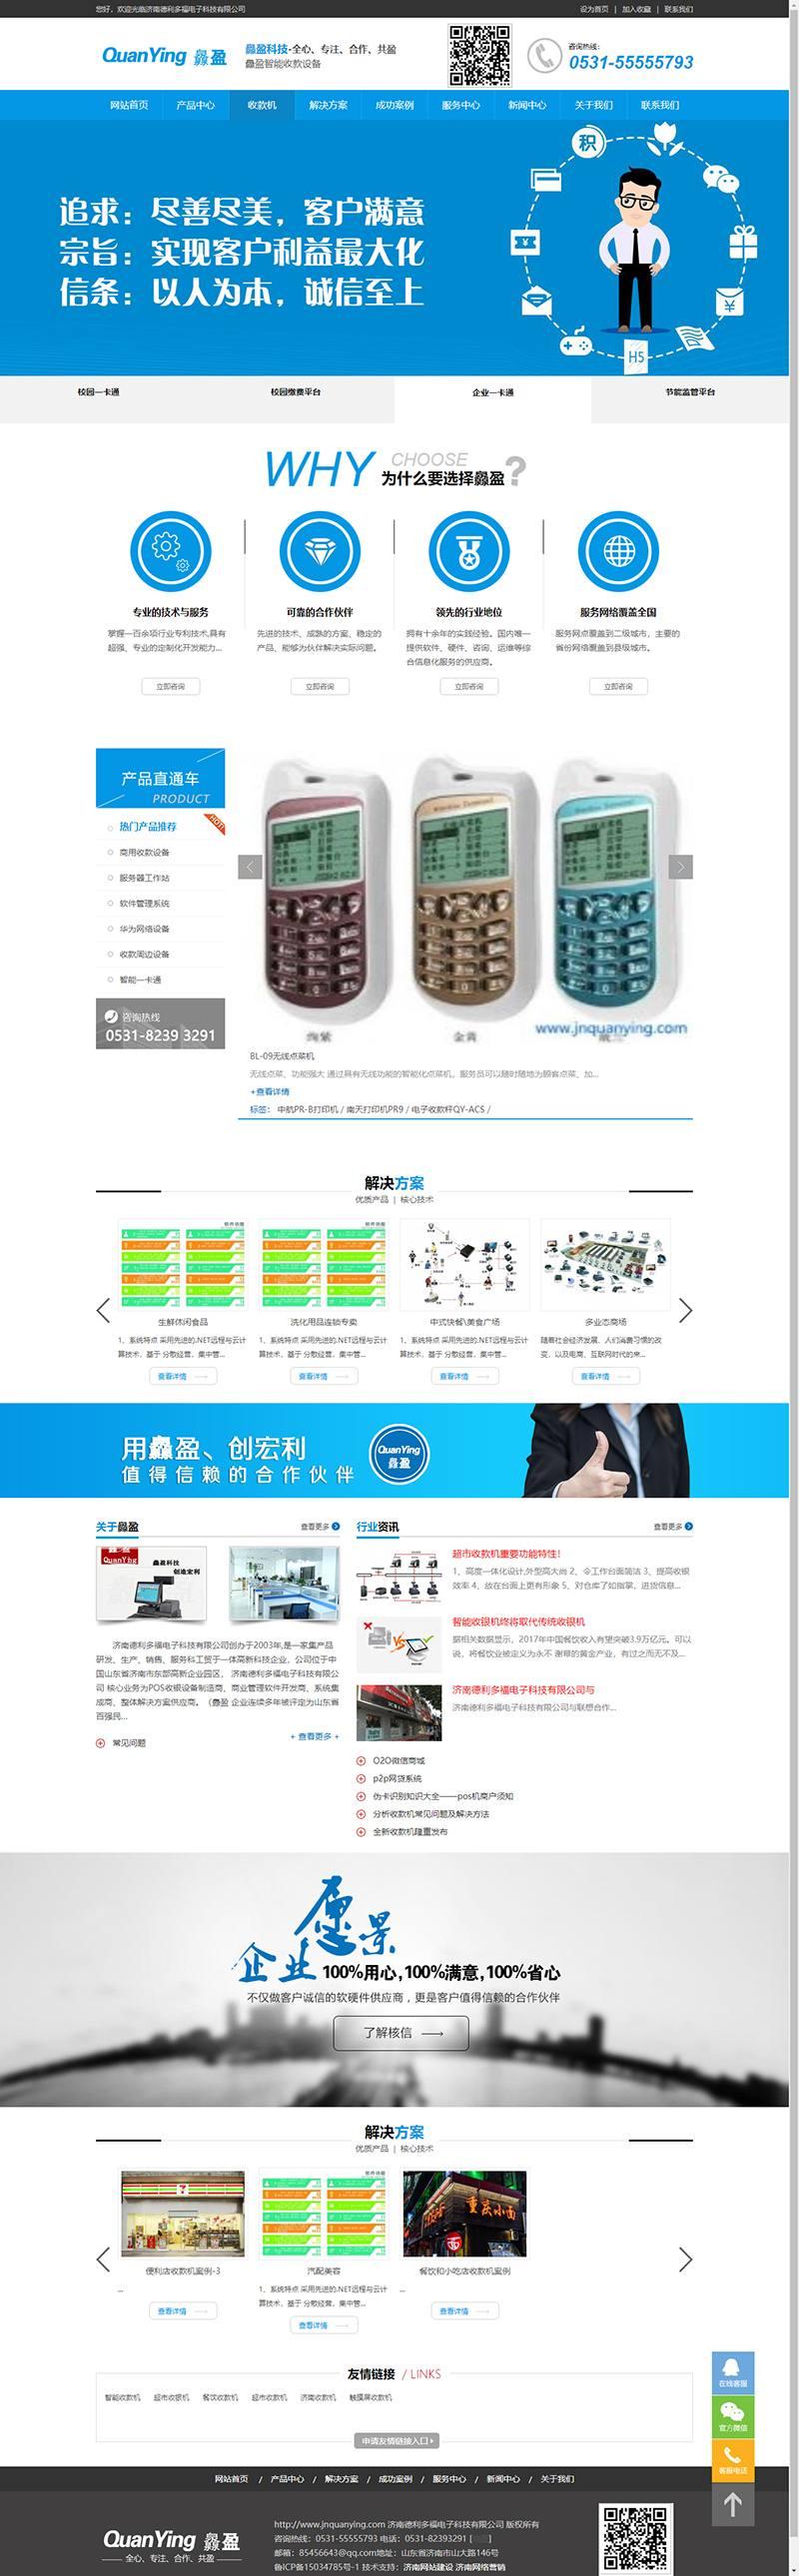 济南德利多福电子科技有限公司,济南网站建设